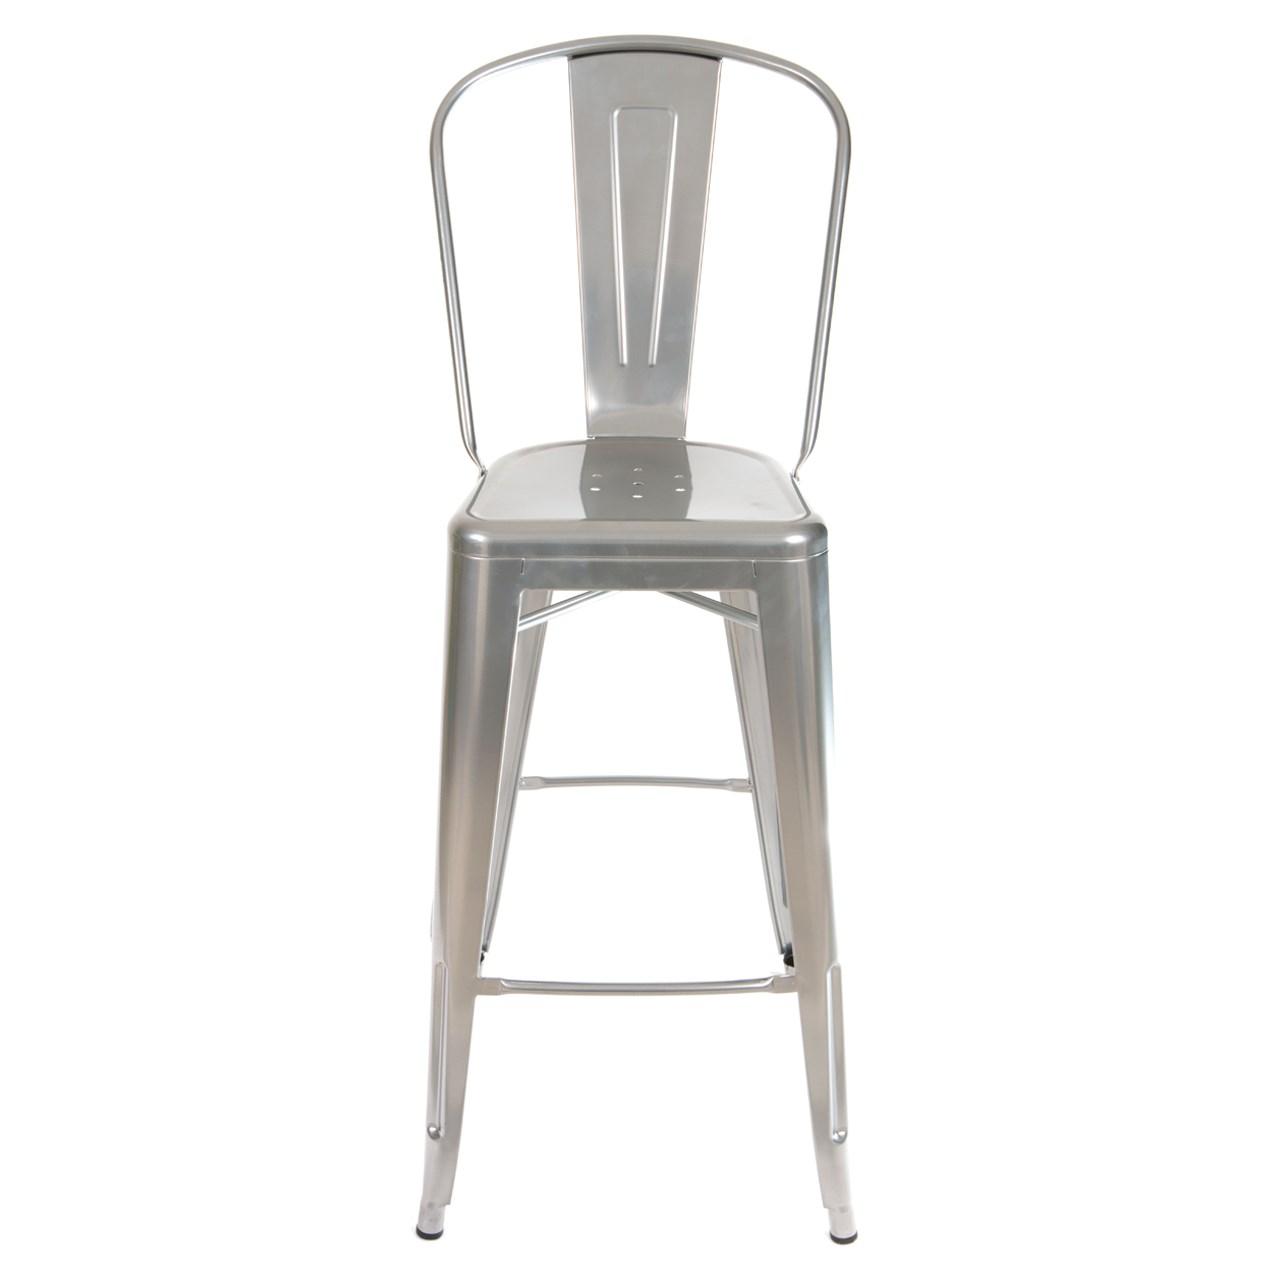 صندلی بار نقره ای در دکوراسیون خانه لوکس